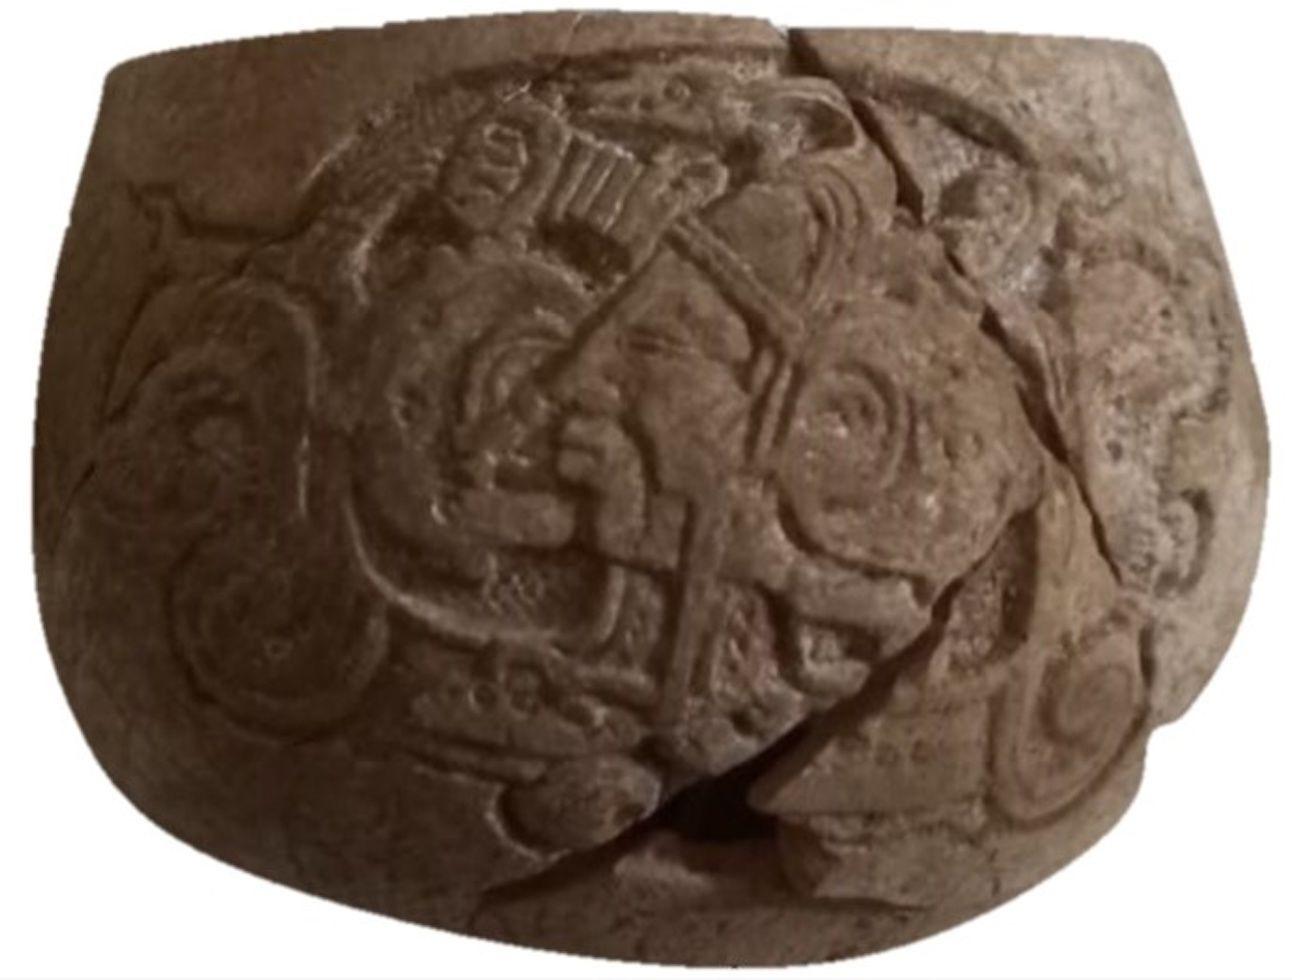 Recipiente antigo com escrita hieroglífica maia descoberto na península de Yucatán no México